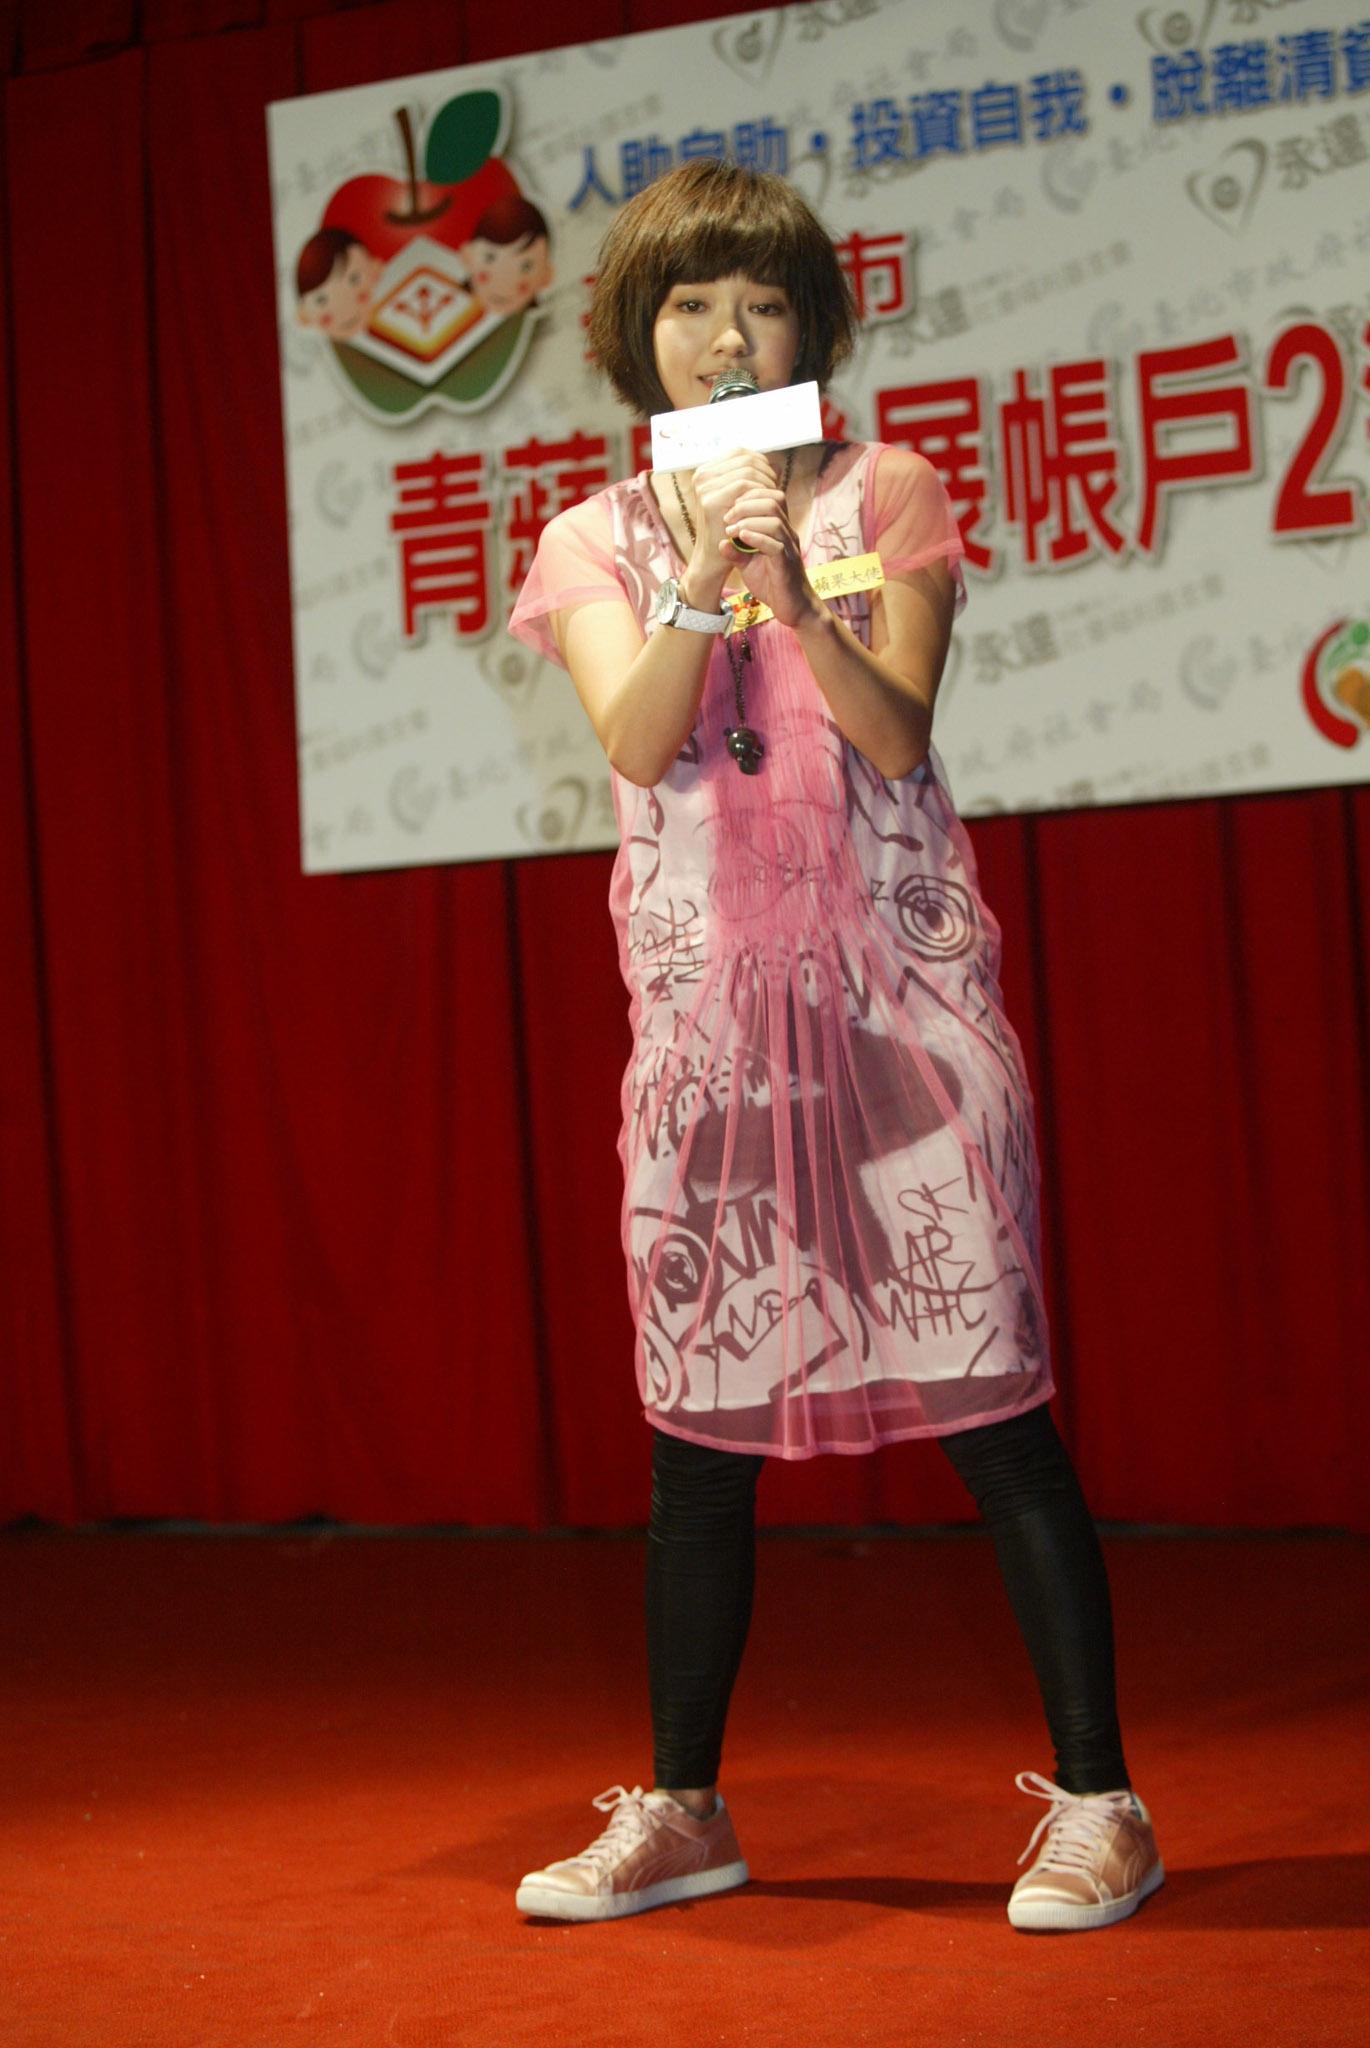 藝人郭采潔化身青蘋果大使為專案同學打氣(2)